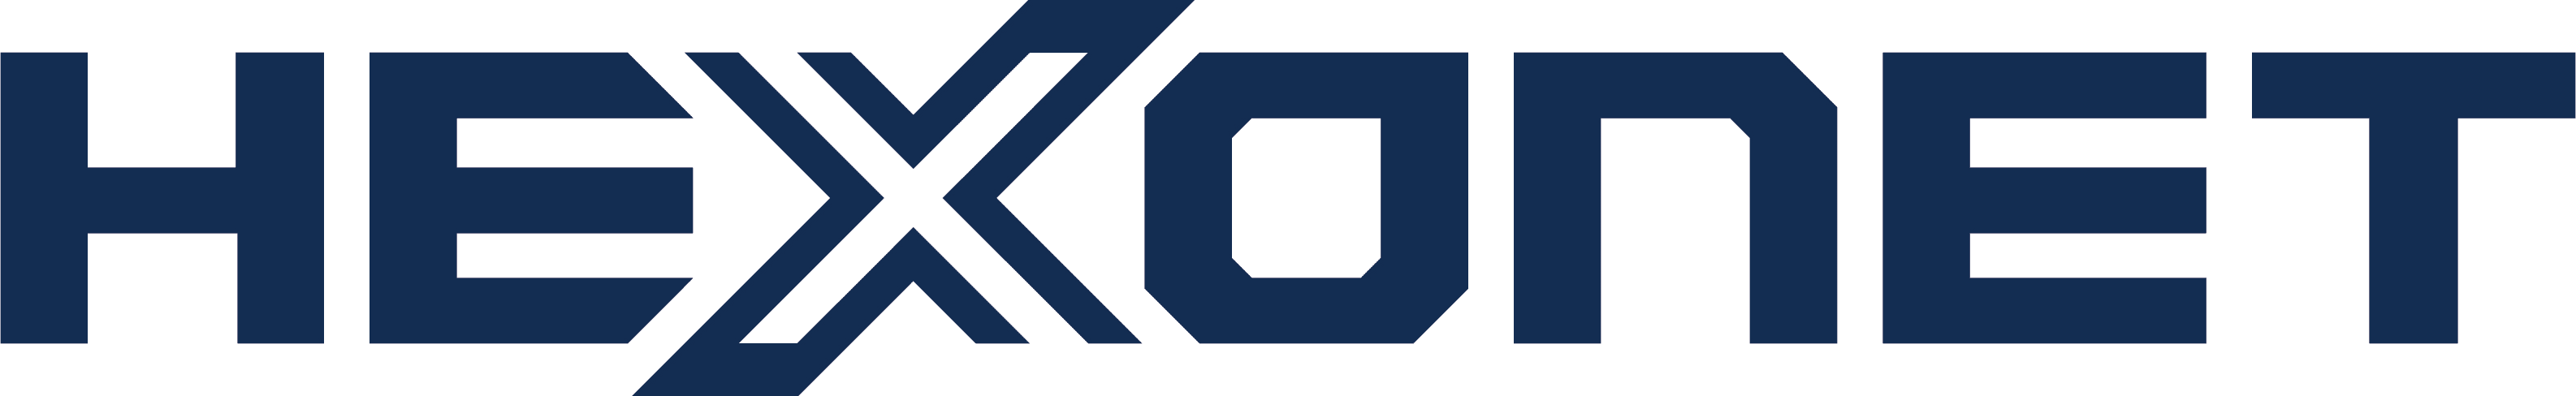 Hexonet Logo